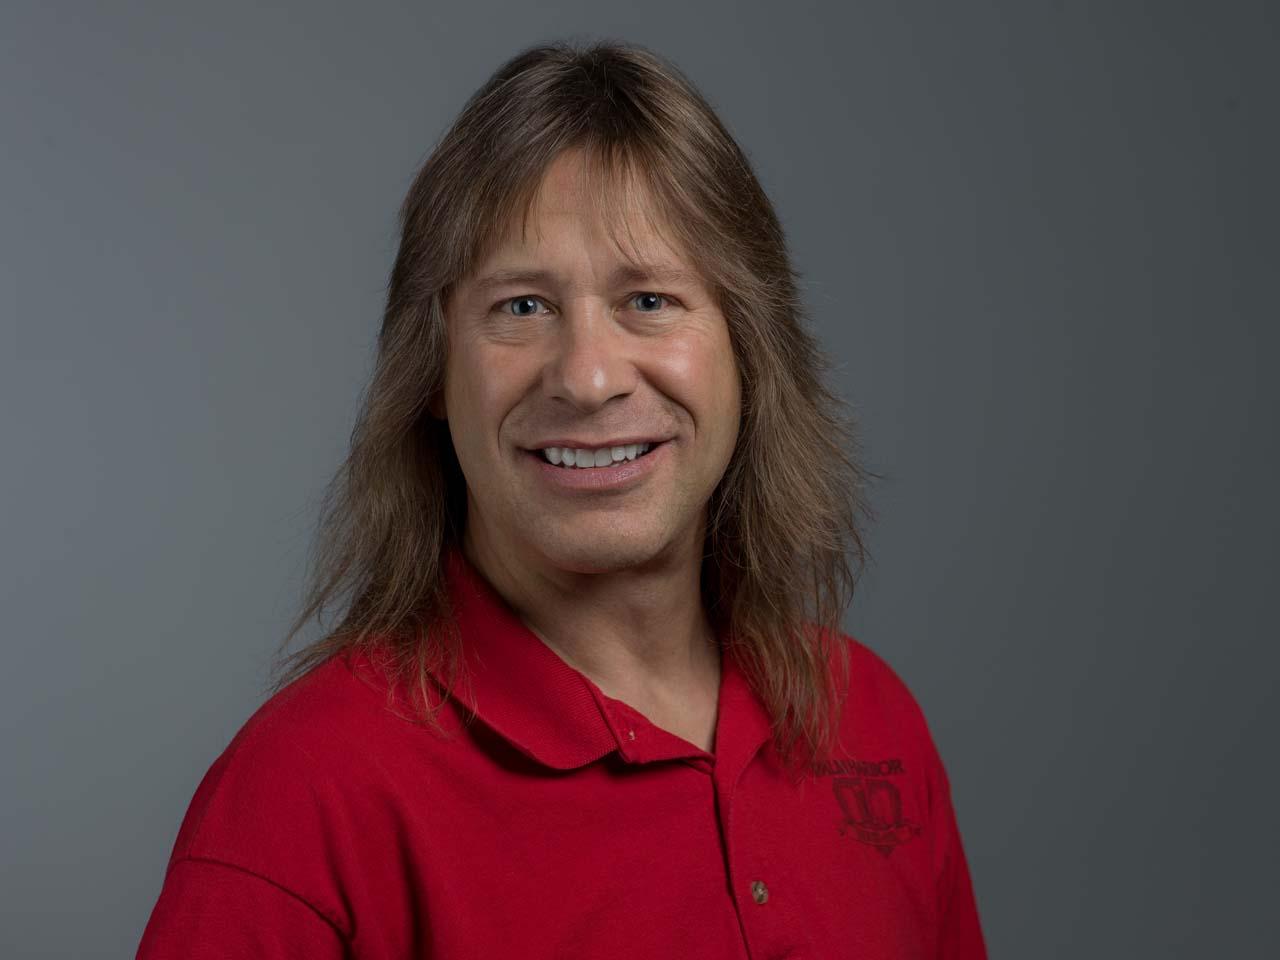 Dave Clark